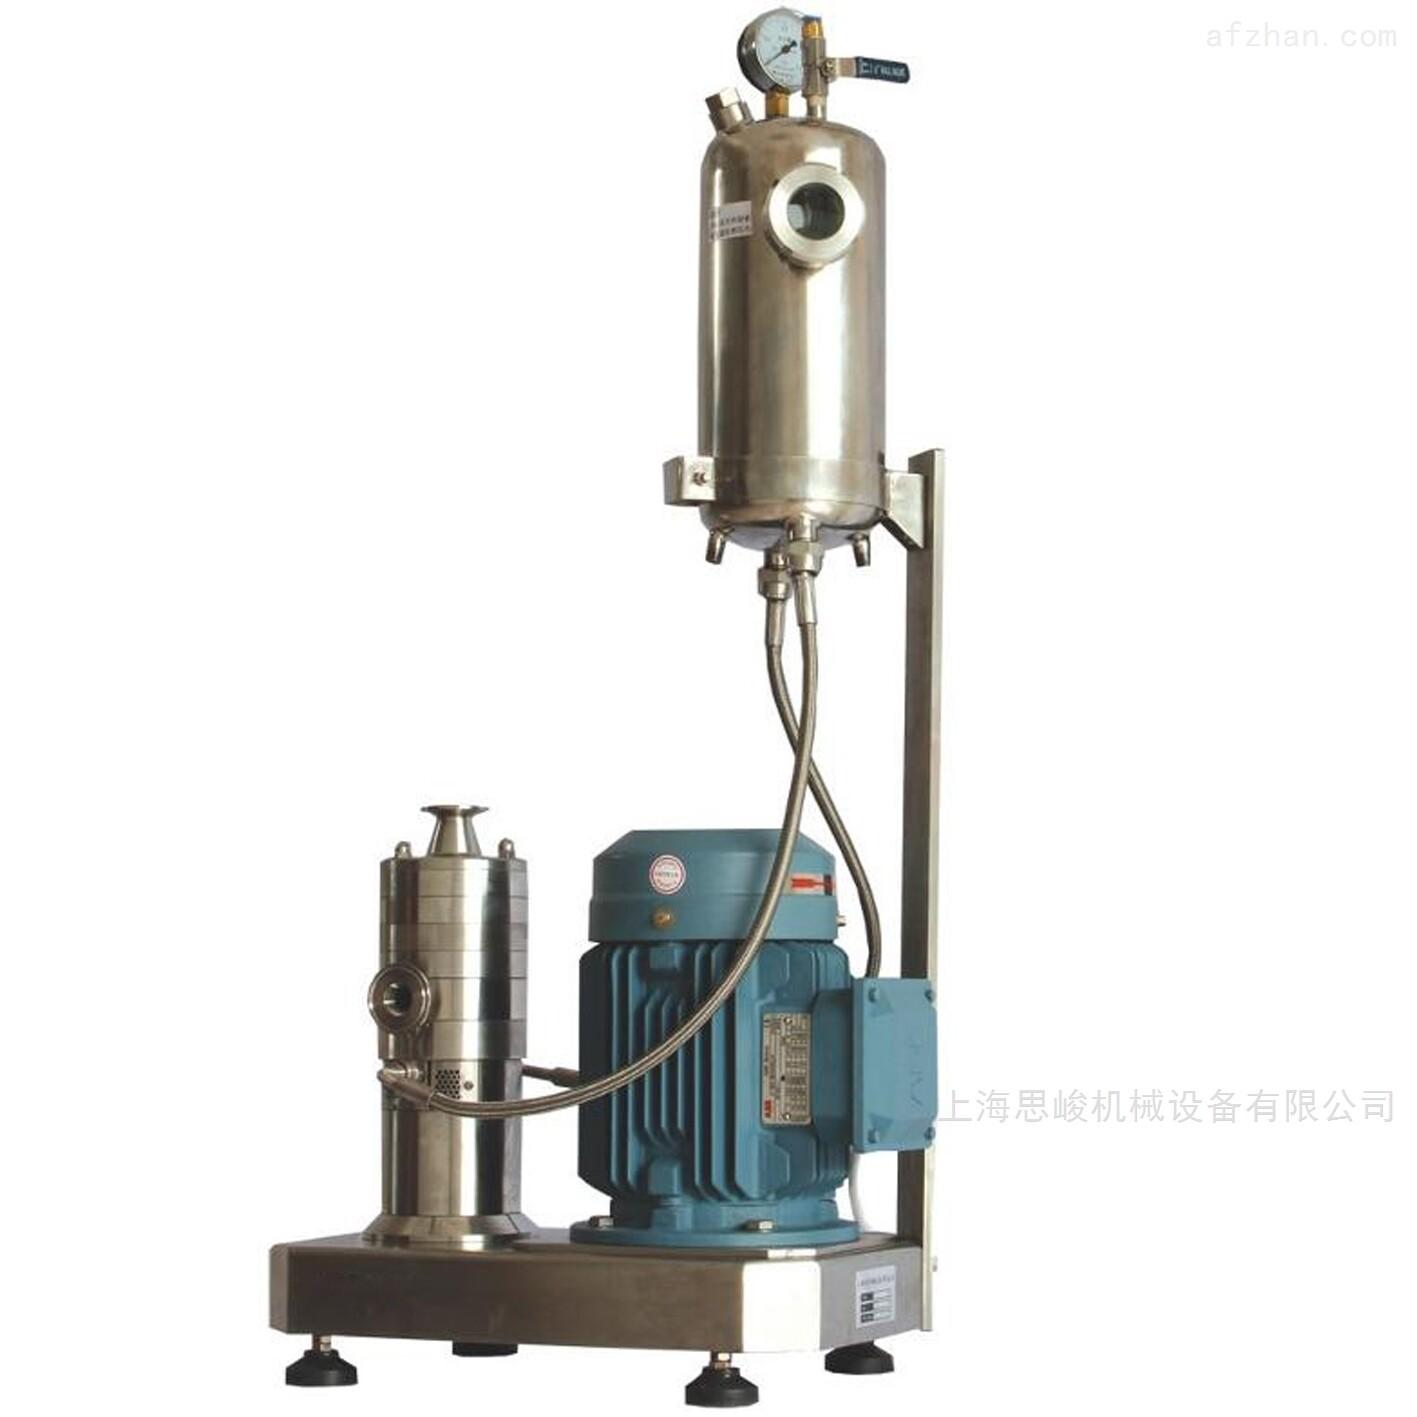 鄂聚醚型水性树酯乳液高速乳化机